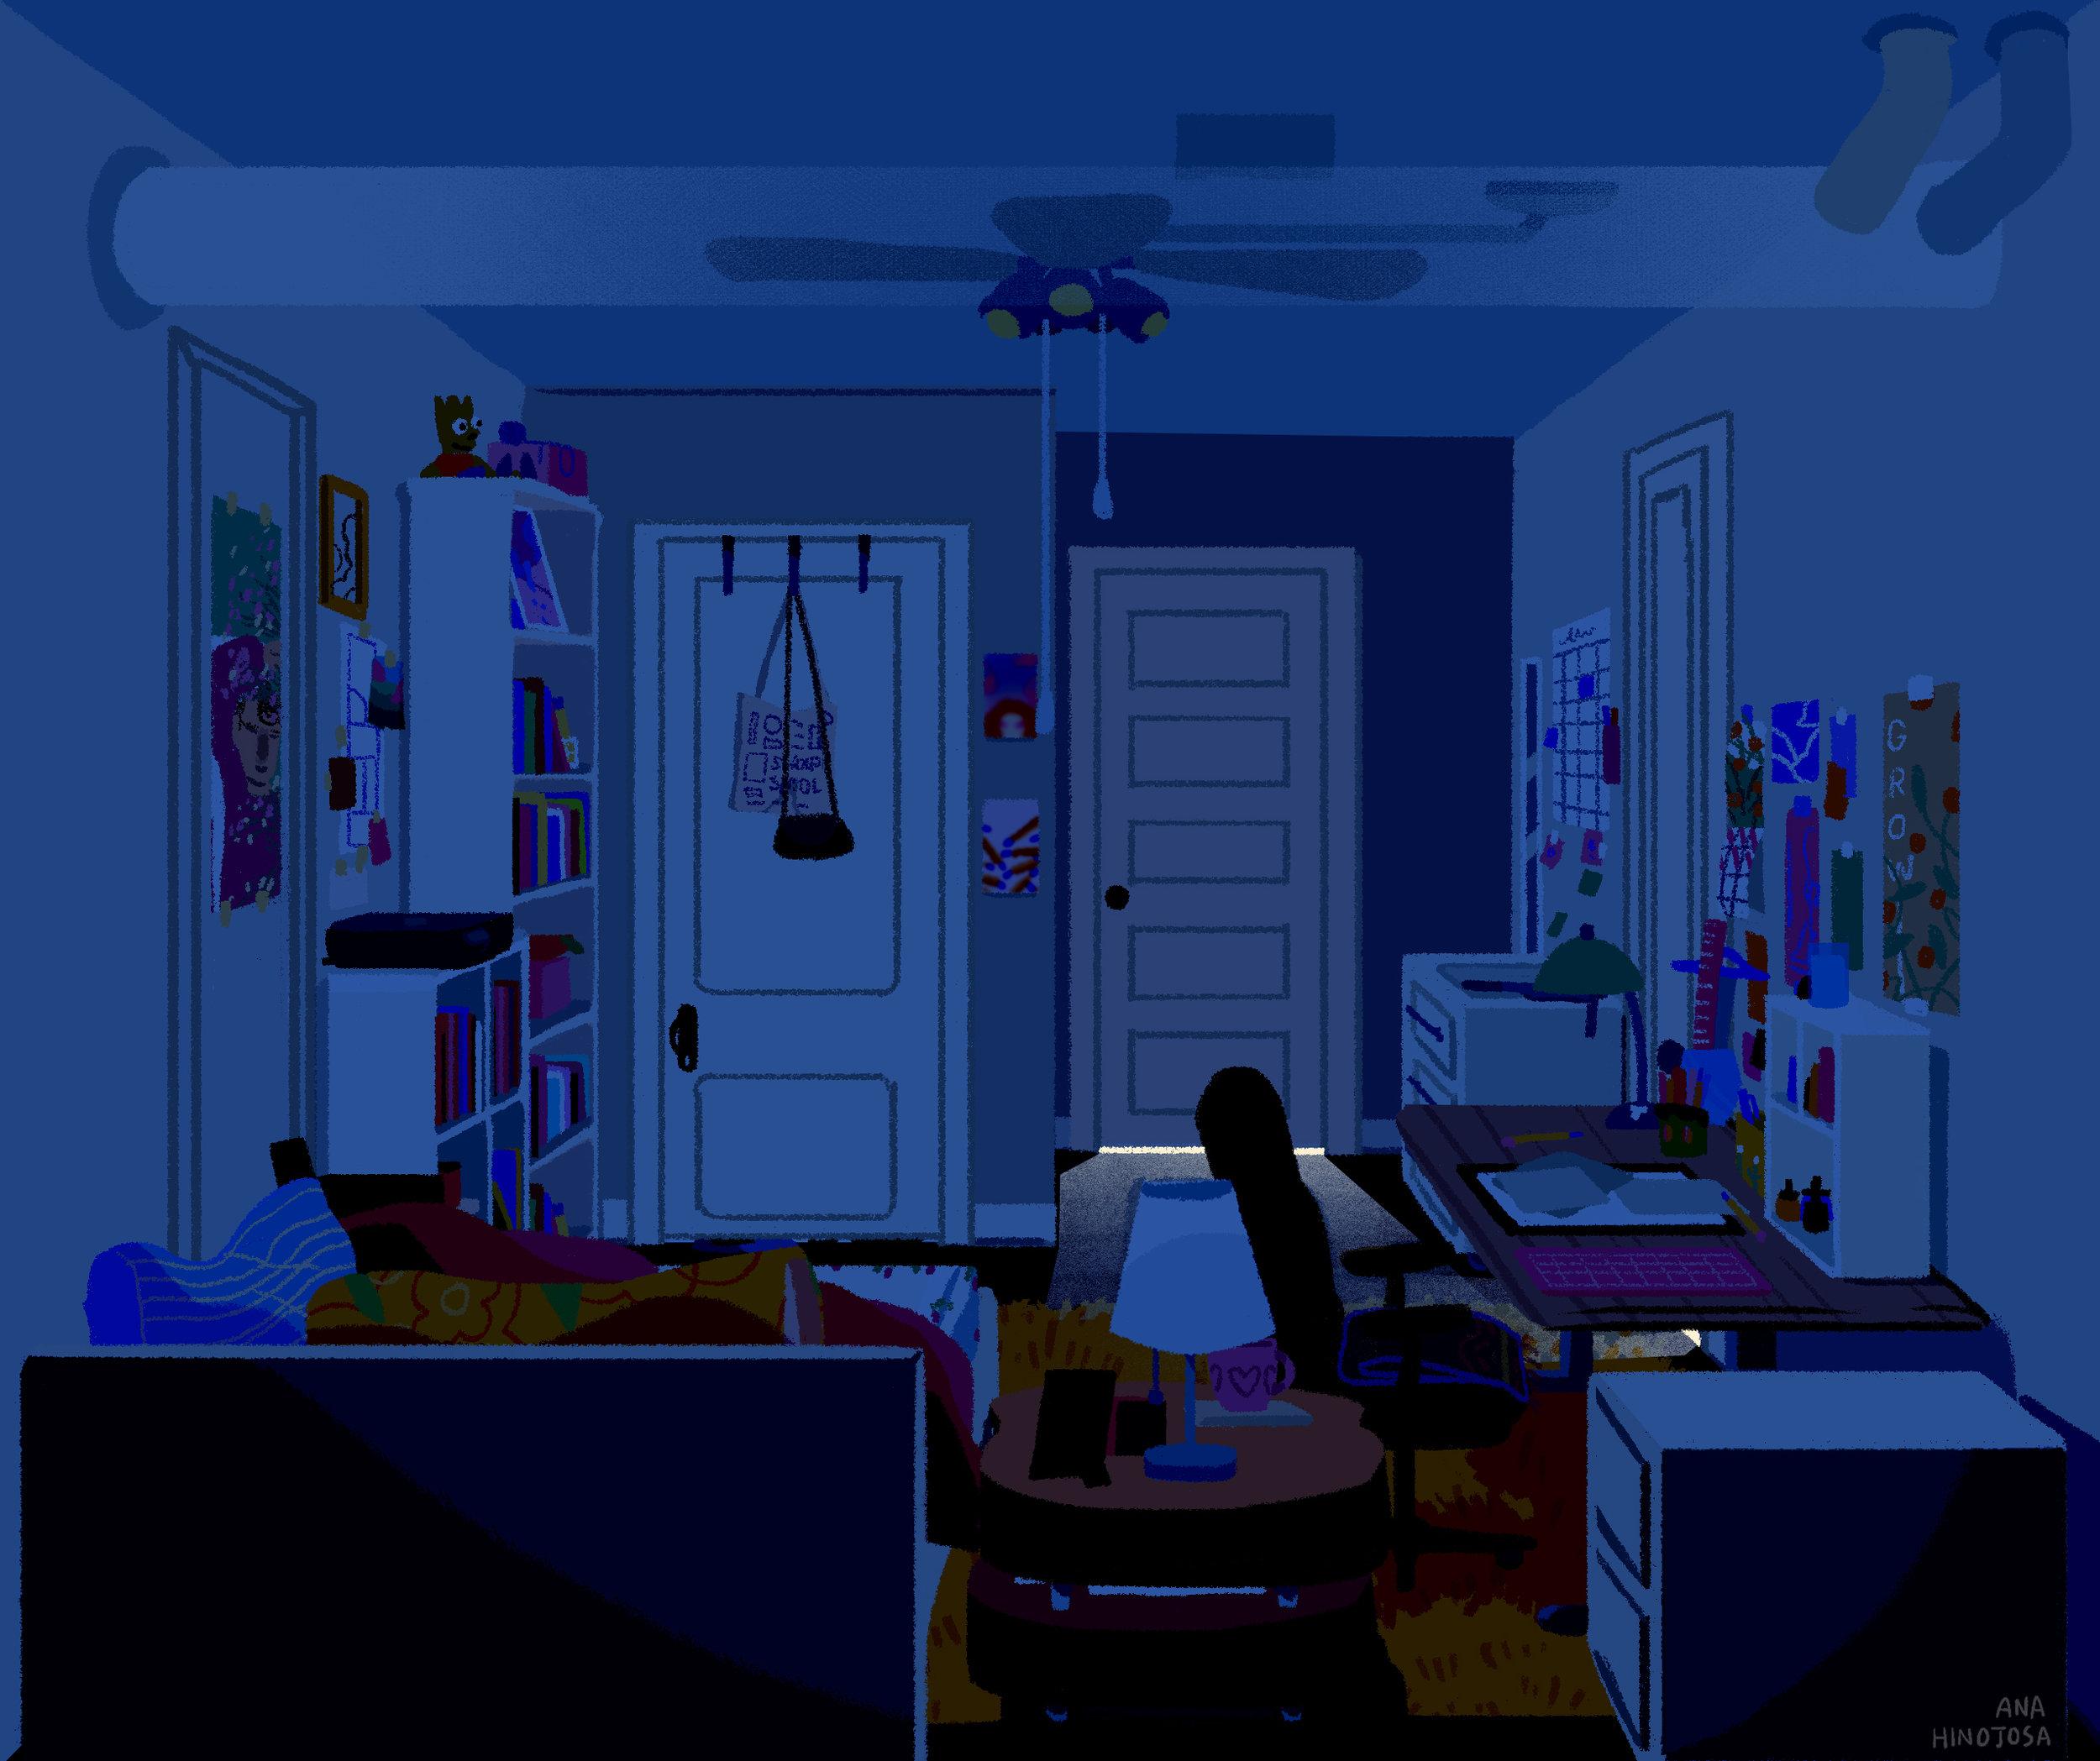 myroomcolored night.jpg